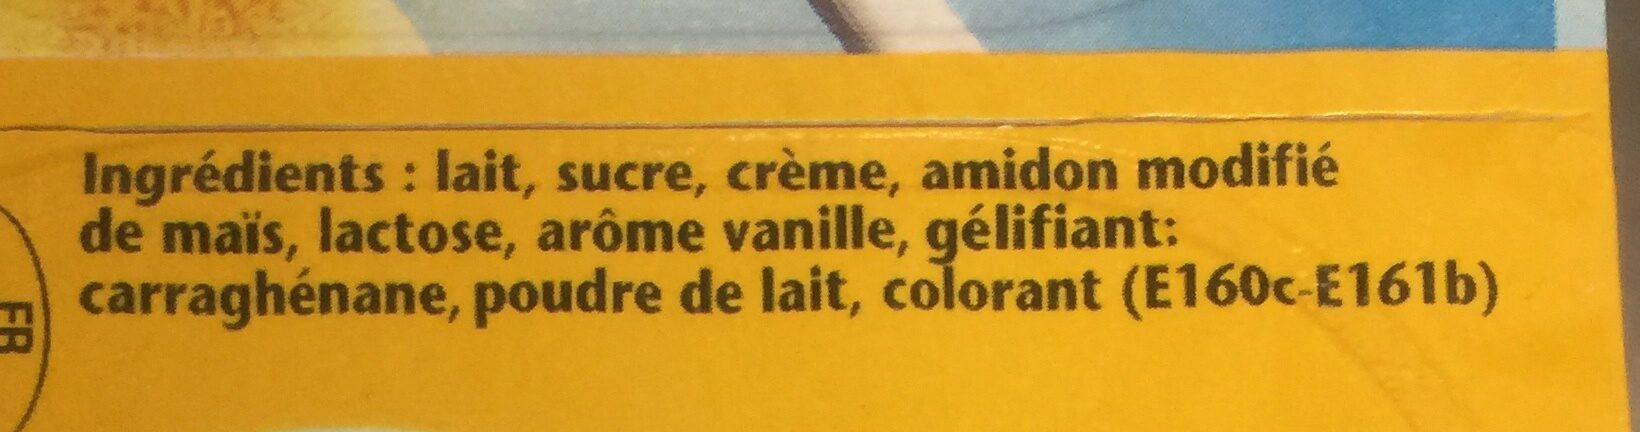 Crème dessert Goût Vanille - Ingredients